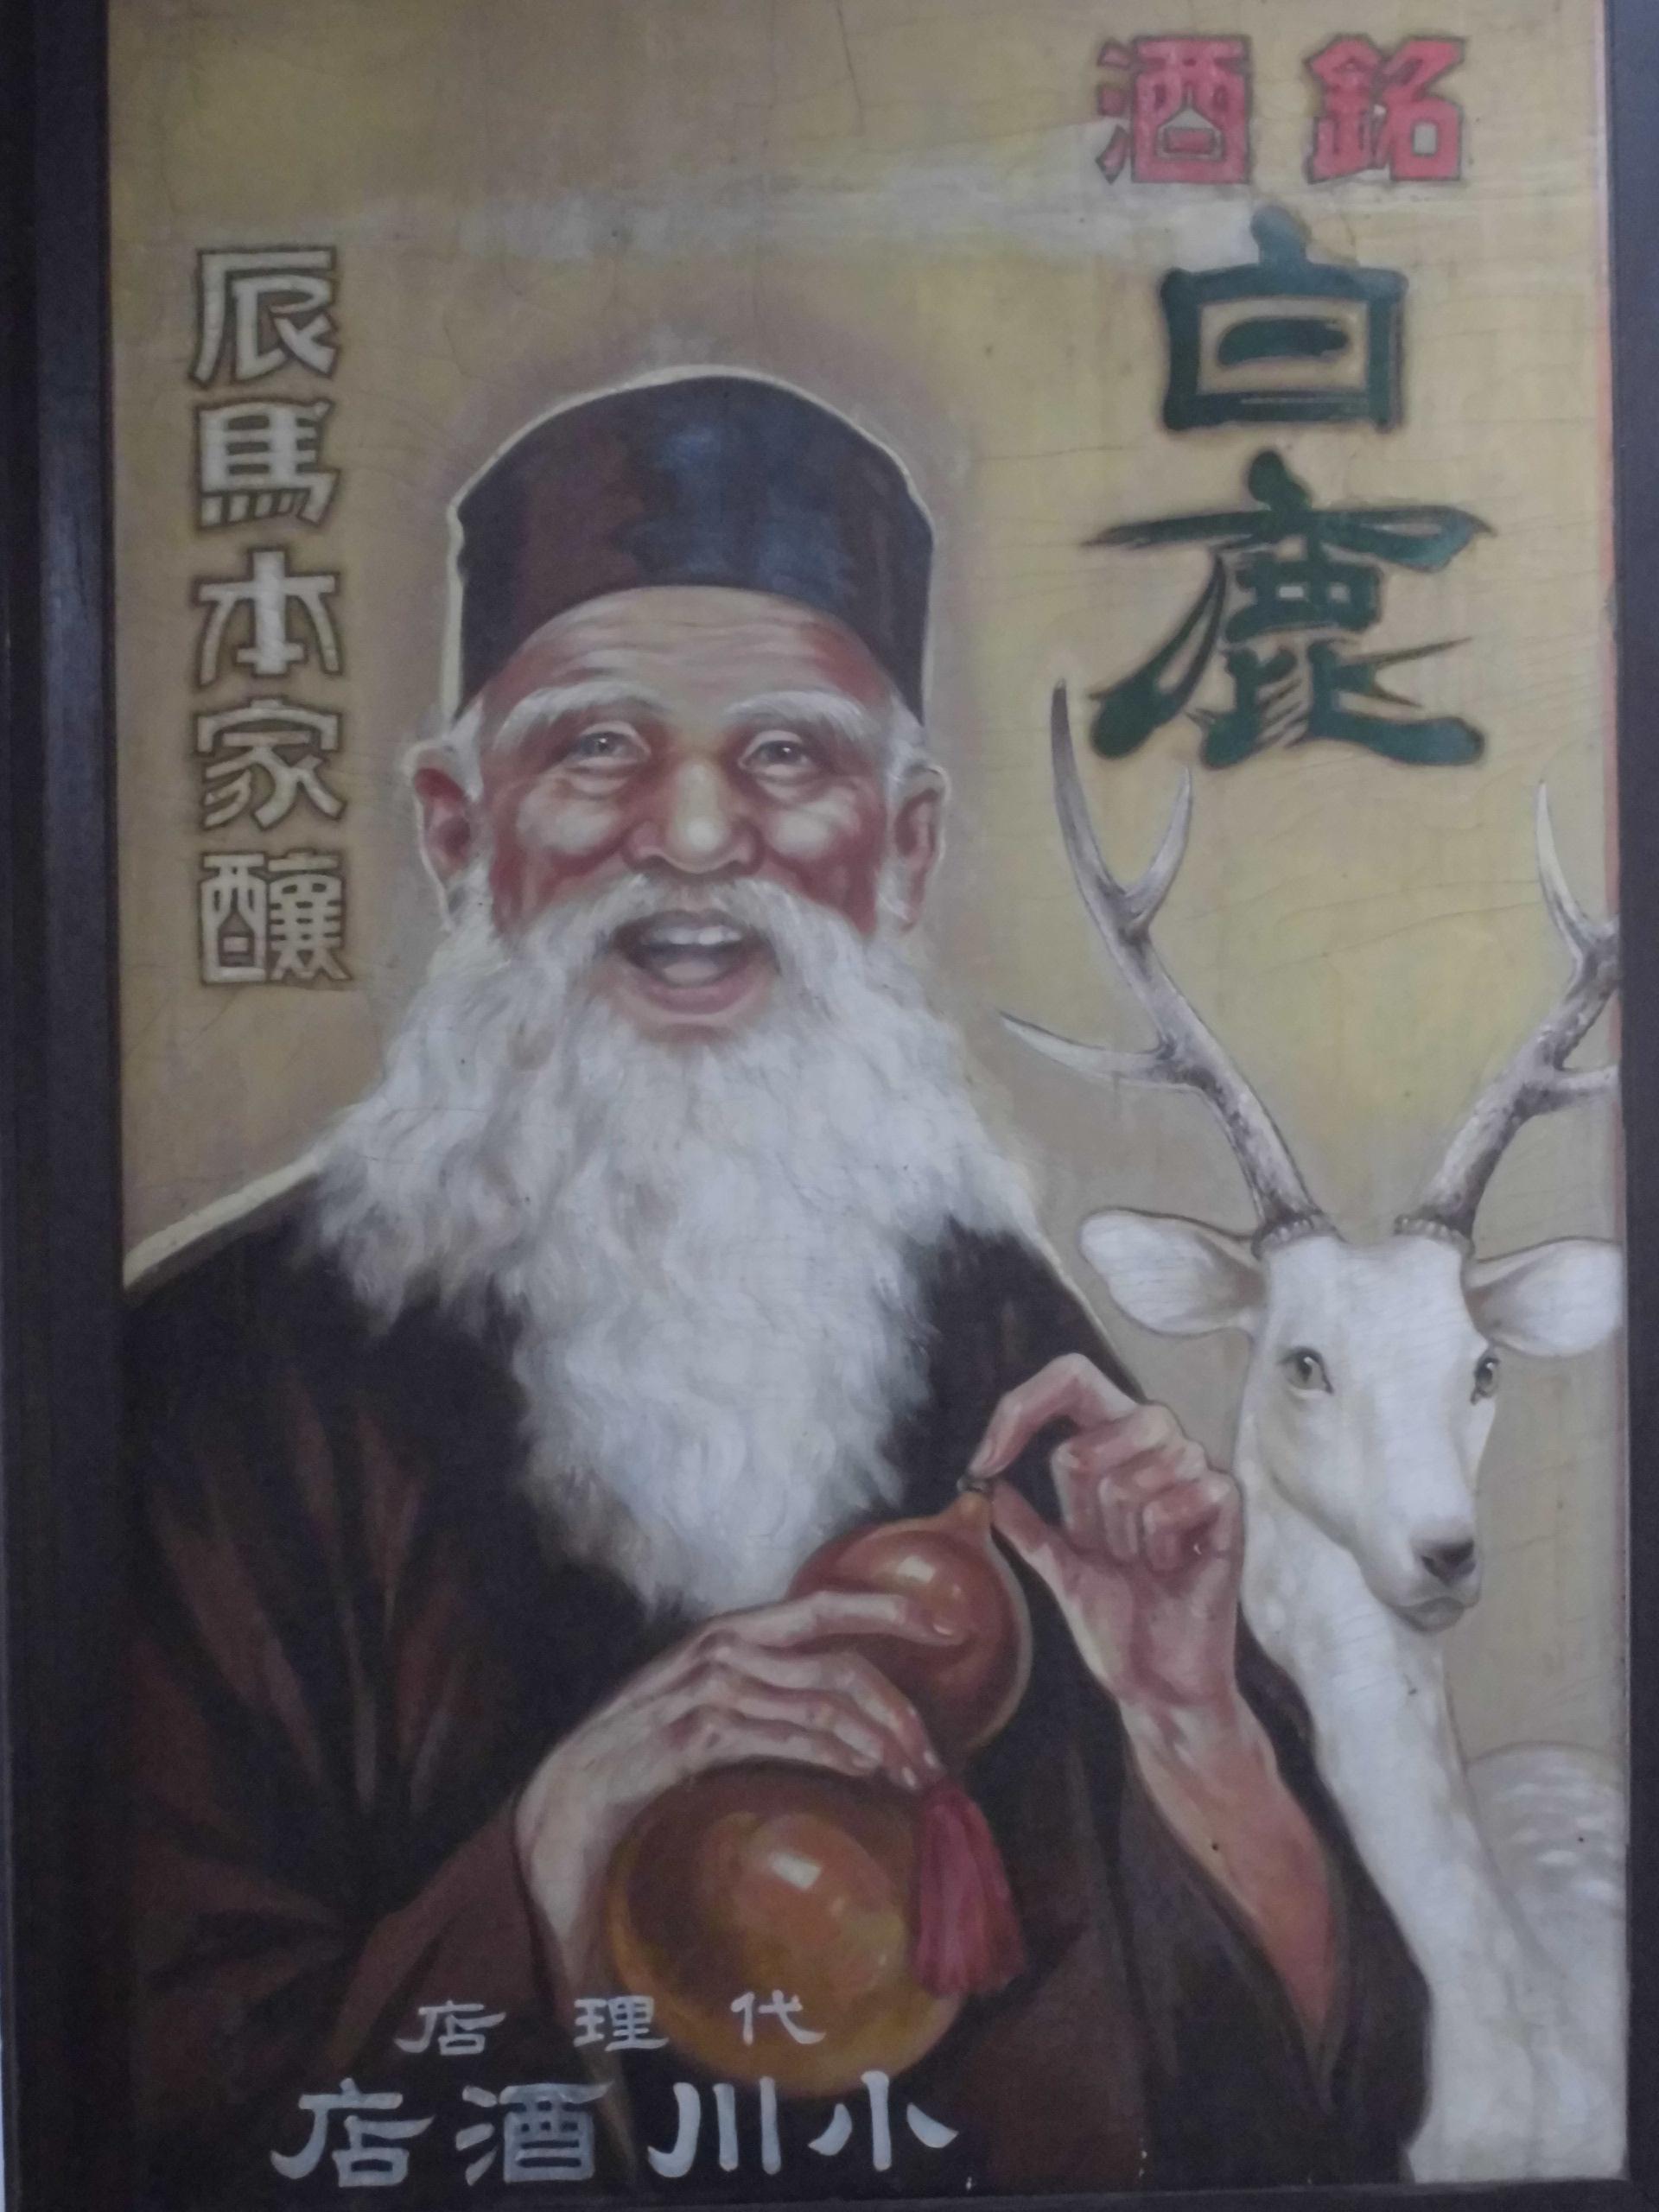 伊勢河崎の歴史的町並みを歩いてみる。【伊勢河崎商人館に行ってきました。by-VEGETAPSY】